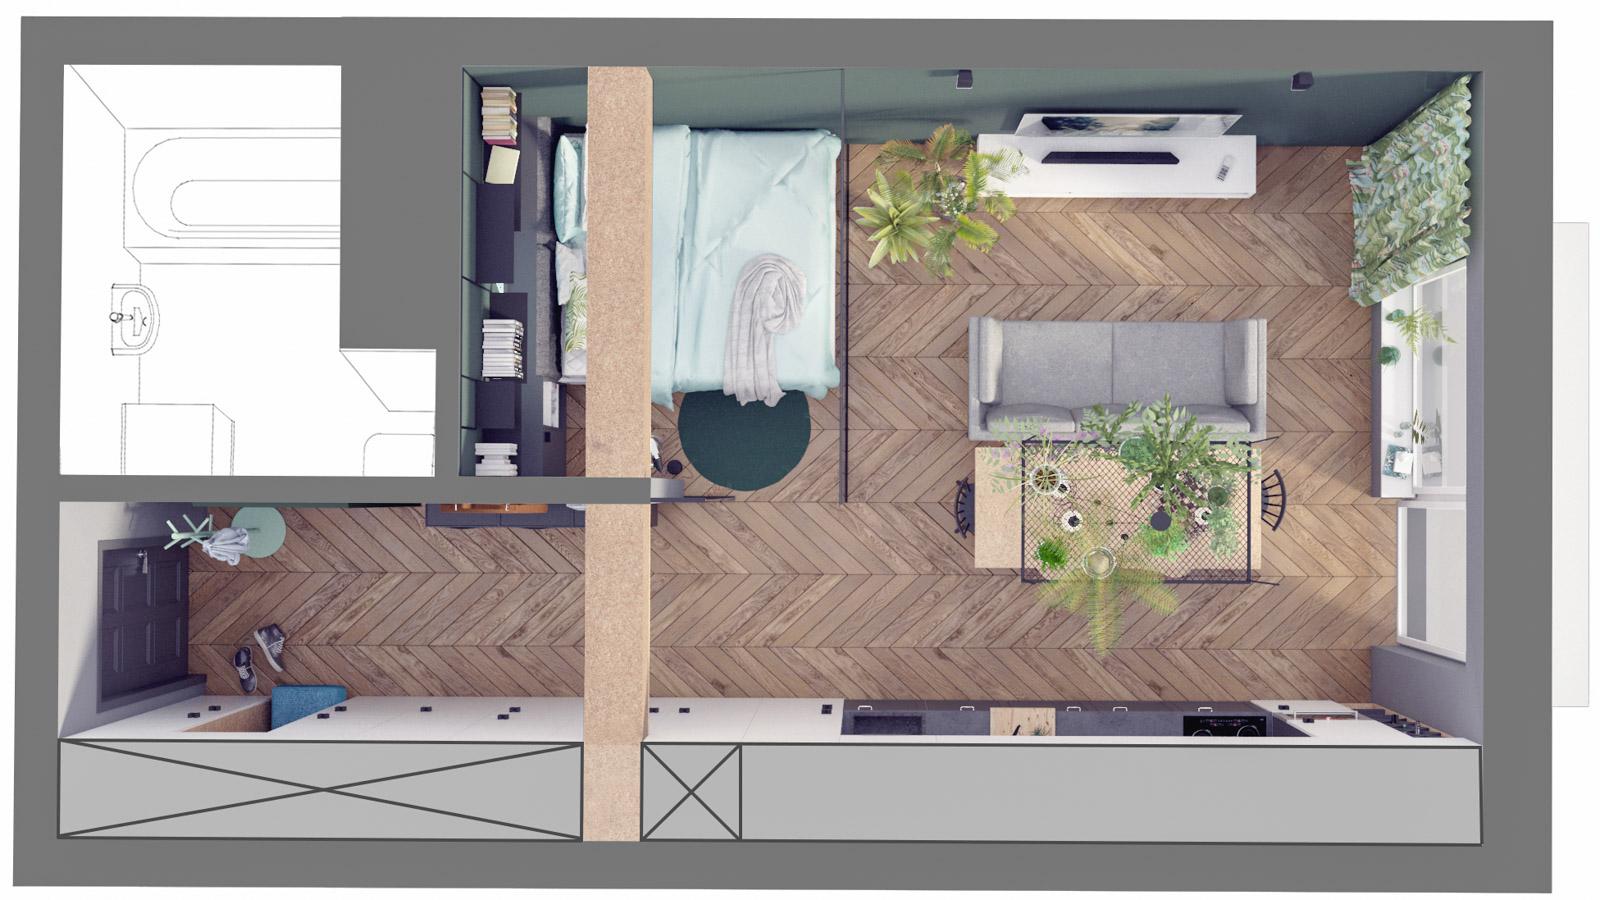 MA Zielone studio - rzut aranżacja